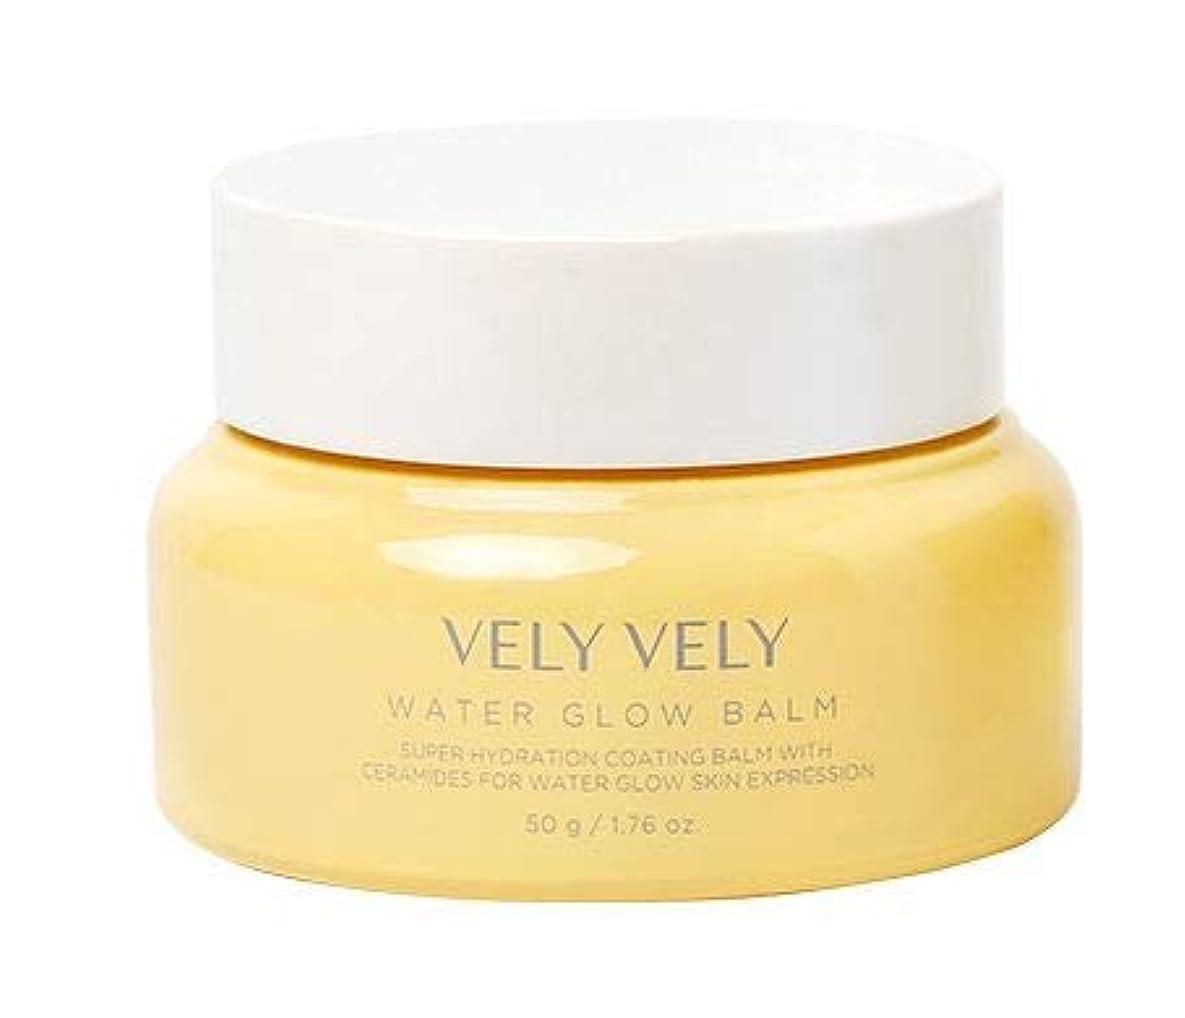 海里ニュース敷居Vely Vely Water Glow Balm(ウォーターグローバーム) 50g [並行輸入品]